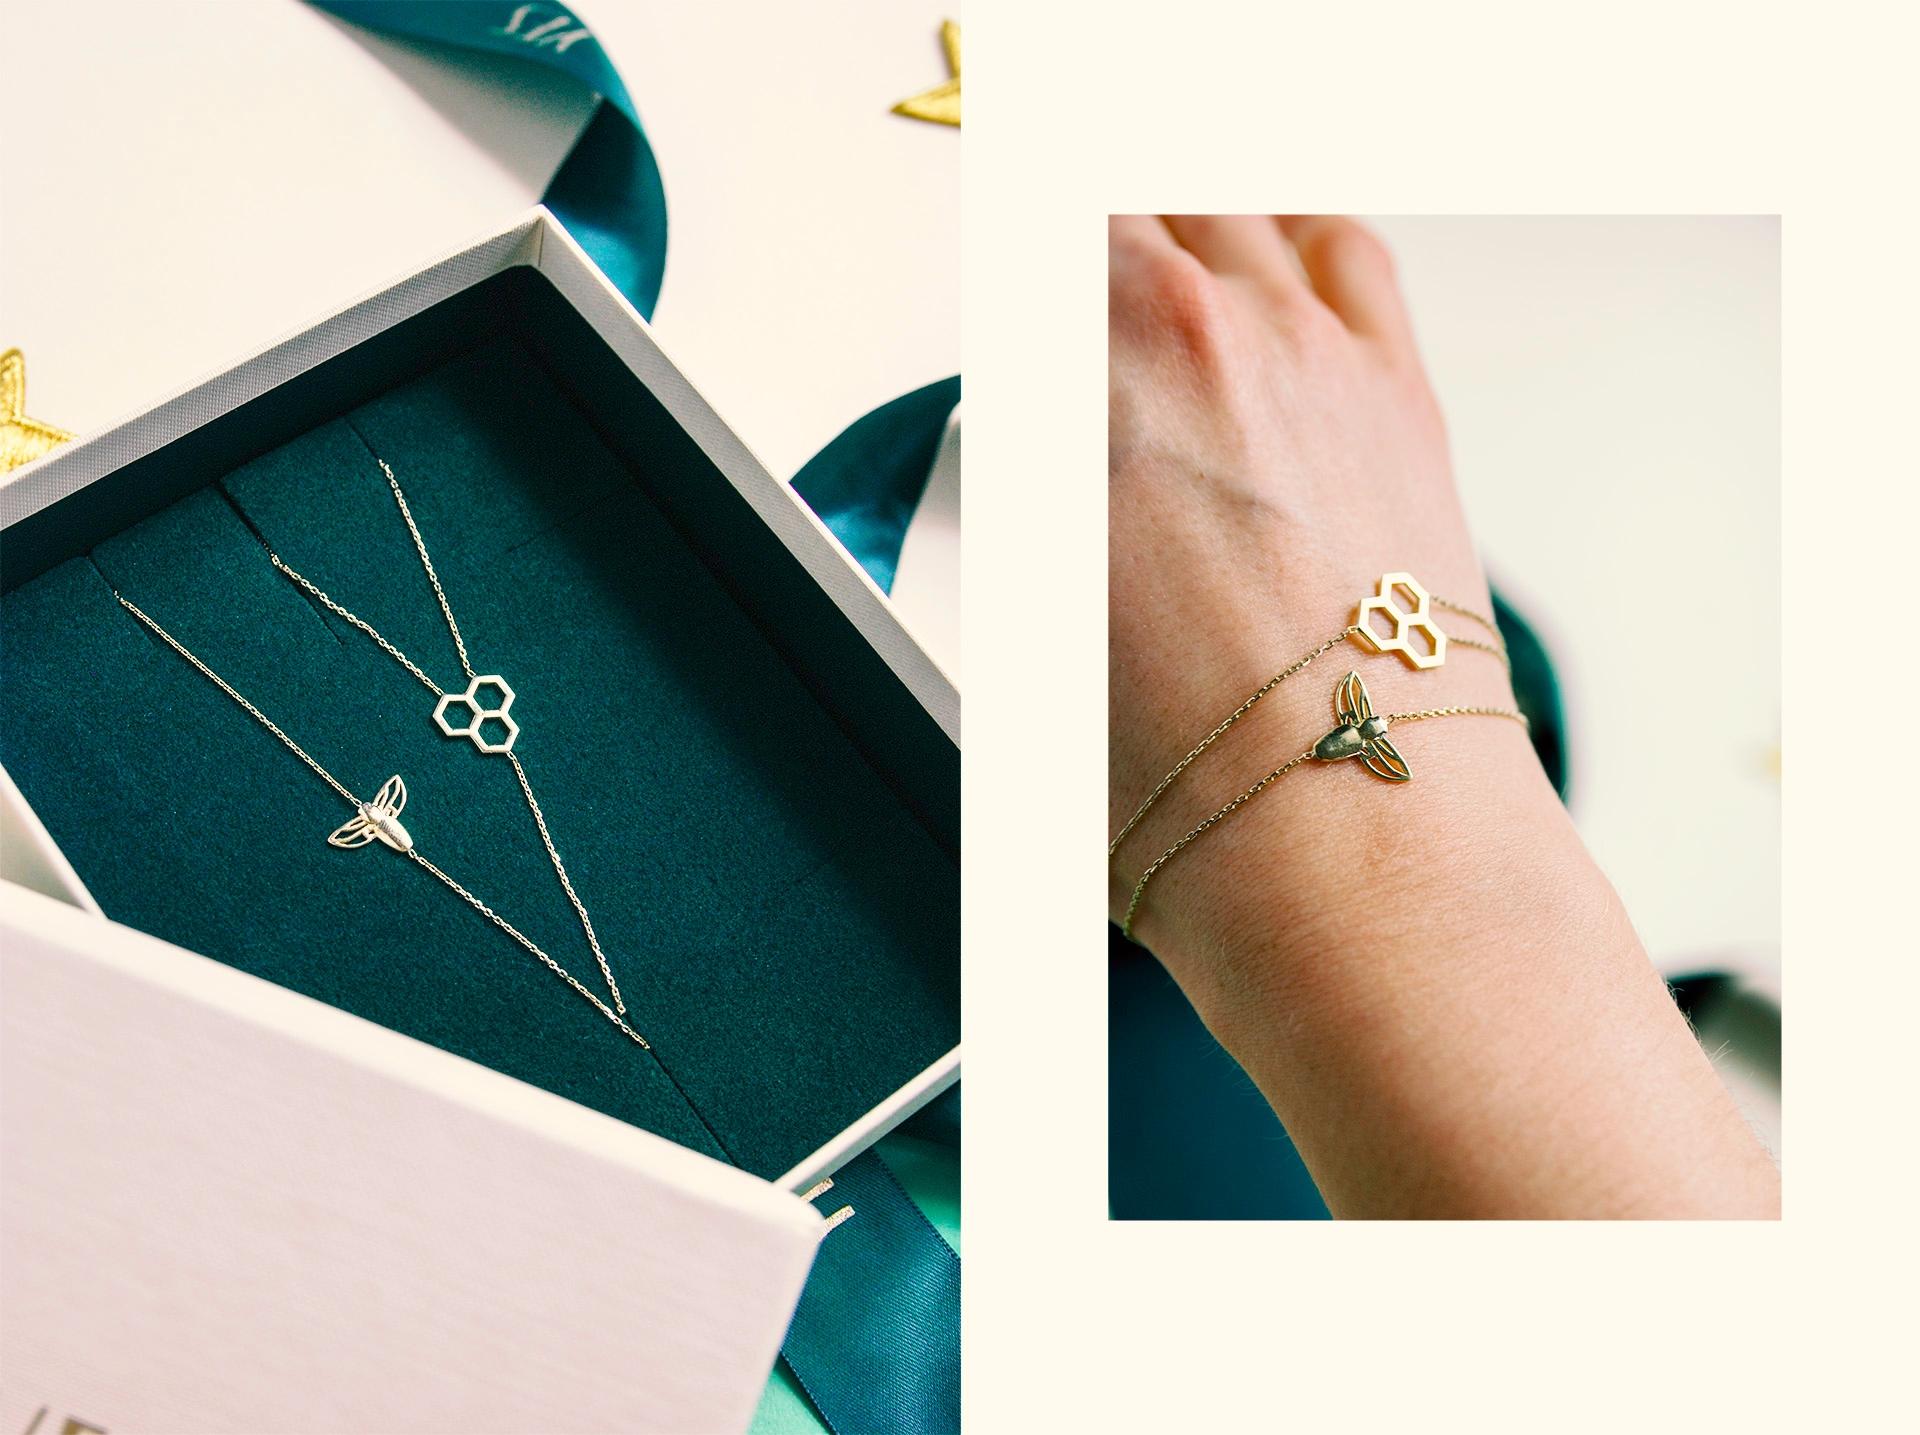 Obraz przedstawia dwa zdjęcia, na jednym widzimy dłoń ze złotymi bransoletkami, a na drugim bransoletki w pudełku.